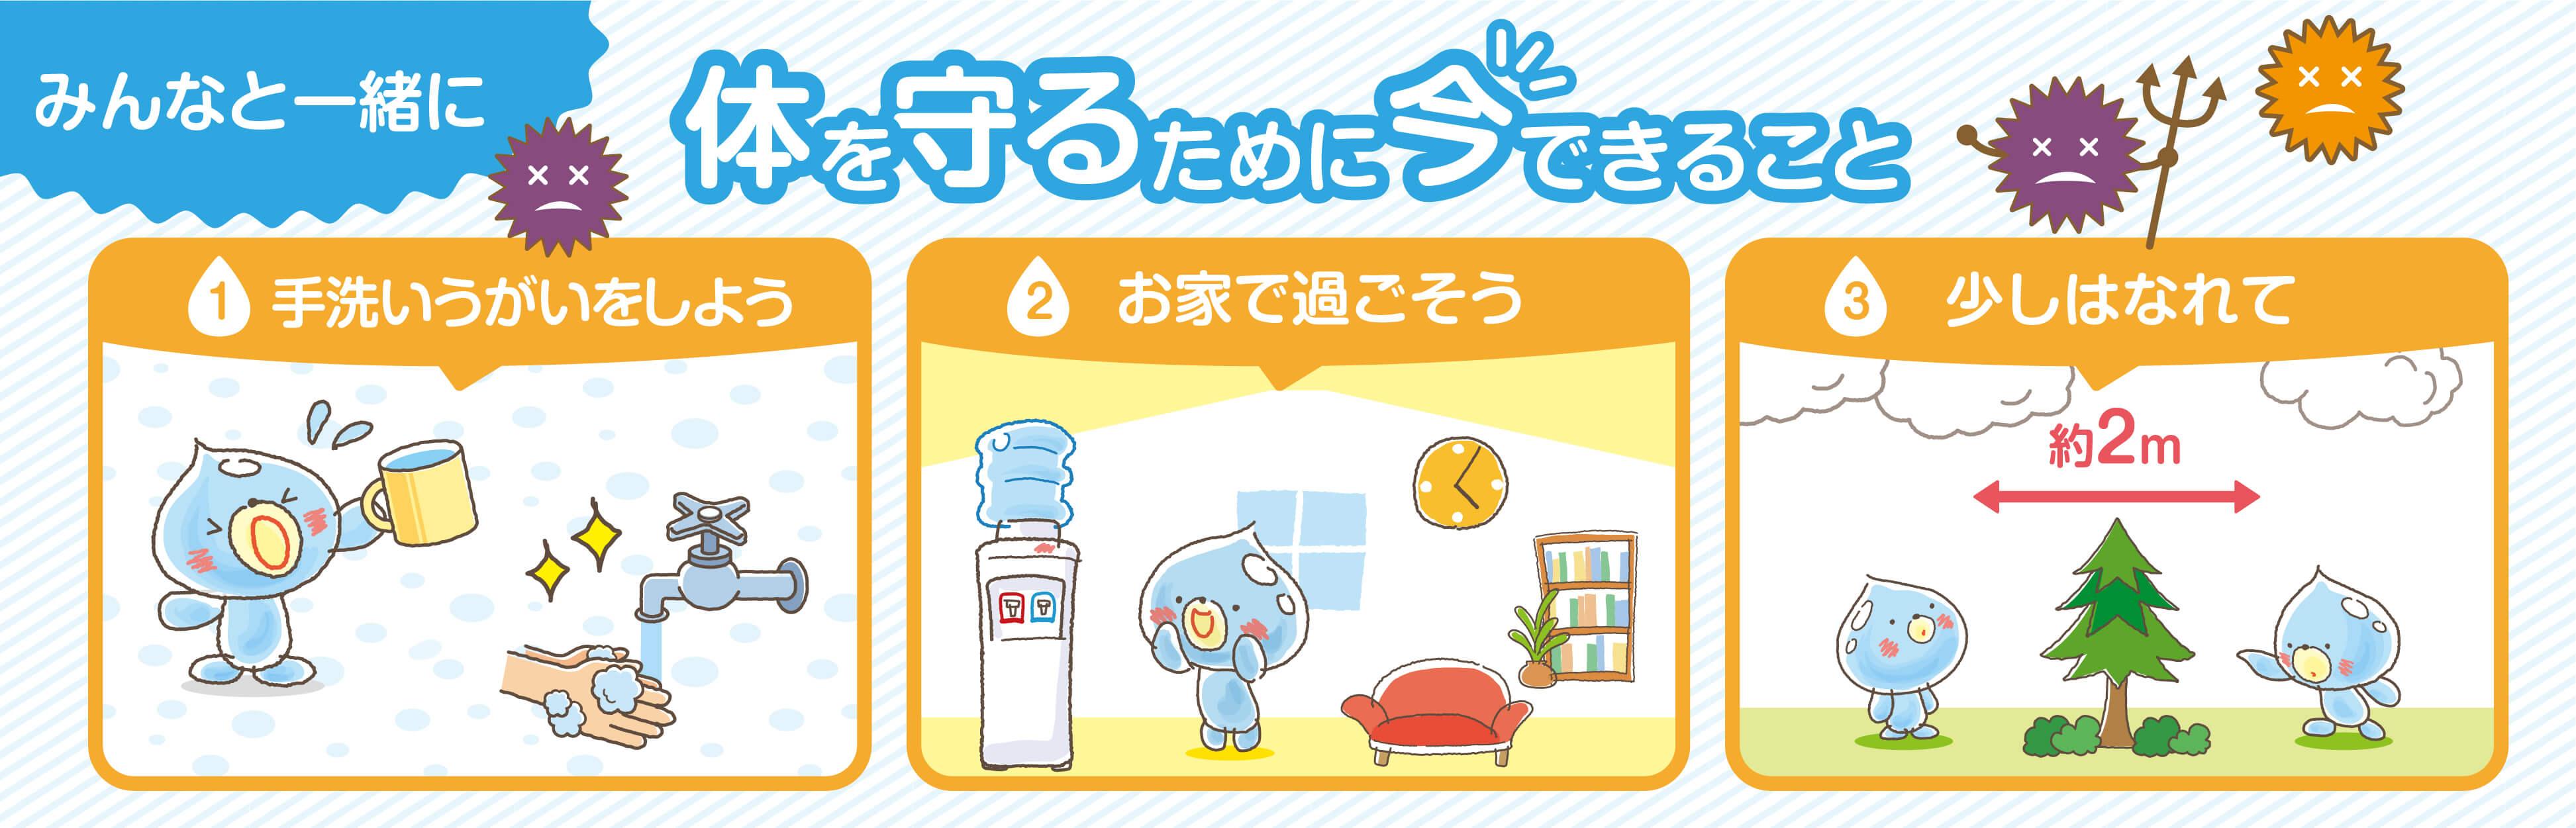 「六甲の天然水マロッ」ウォータ〜サーバのサン神戸ウォーターサプライ